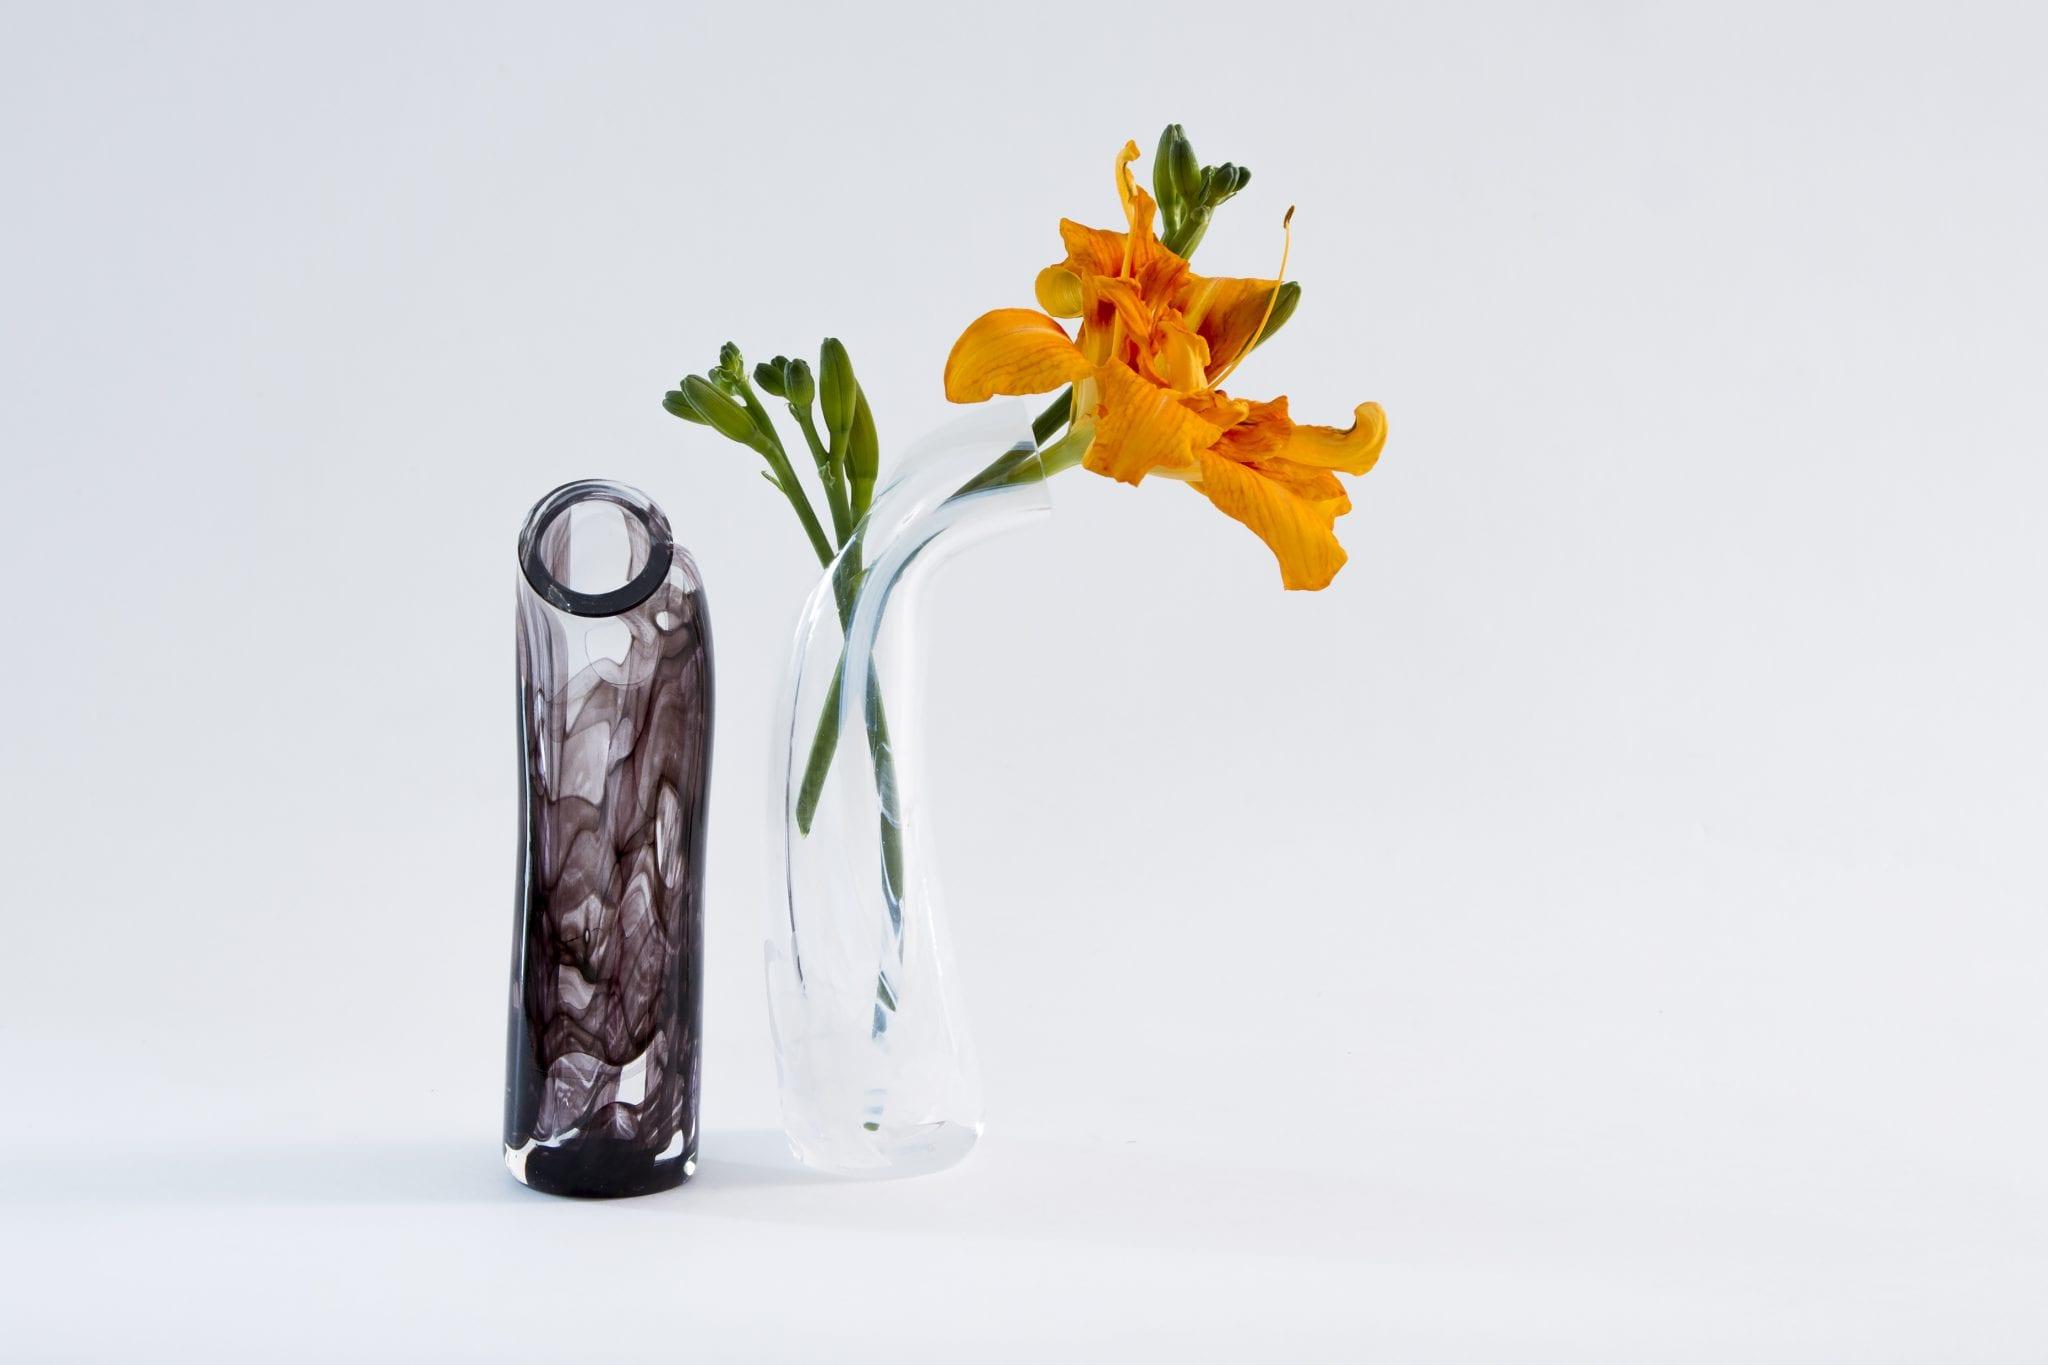 Нестандартные изделия из стекла. Ваза с цветами. Glass Point